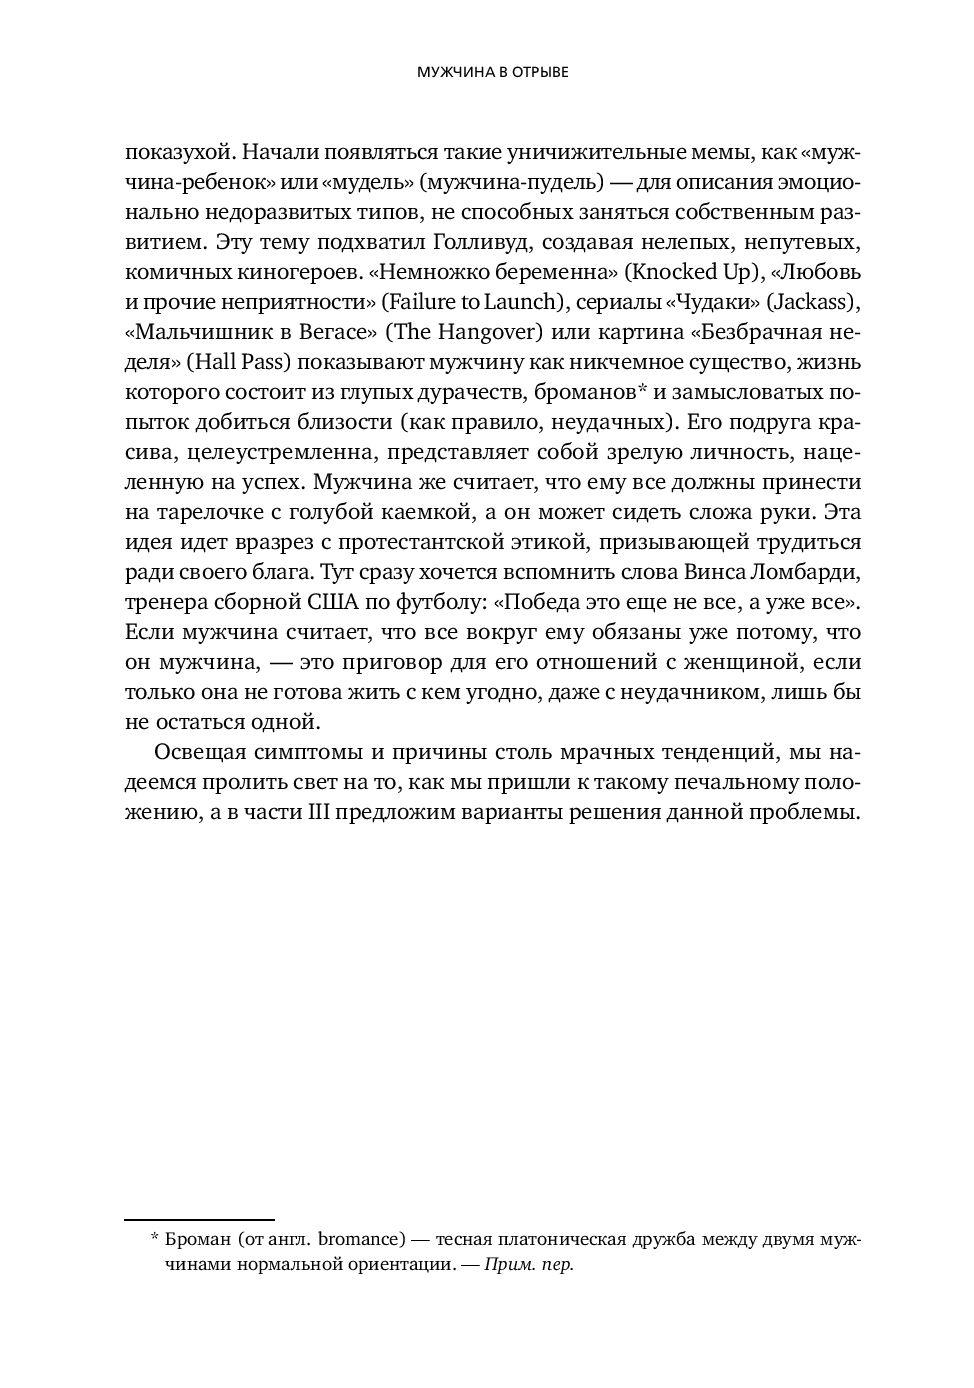 da-porno-dlya-nastoyashih-muzhchin-video-galereya-minetov-sperma-v-litso